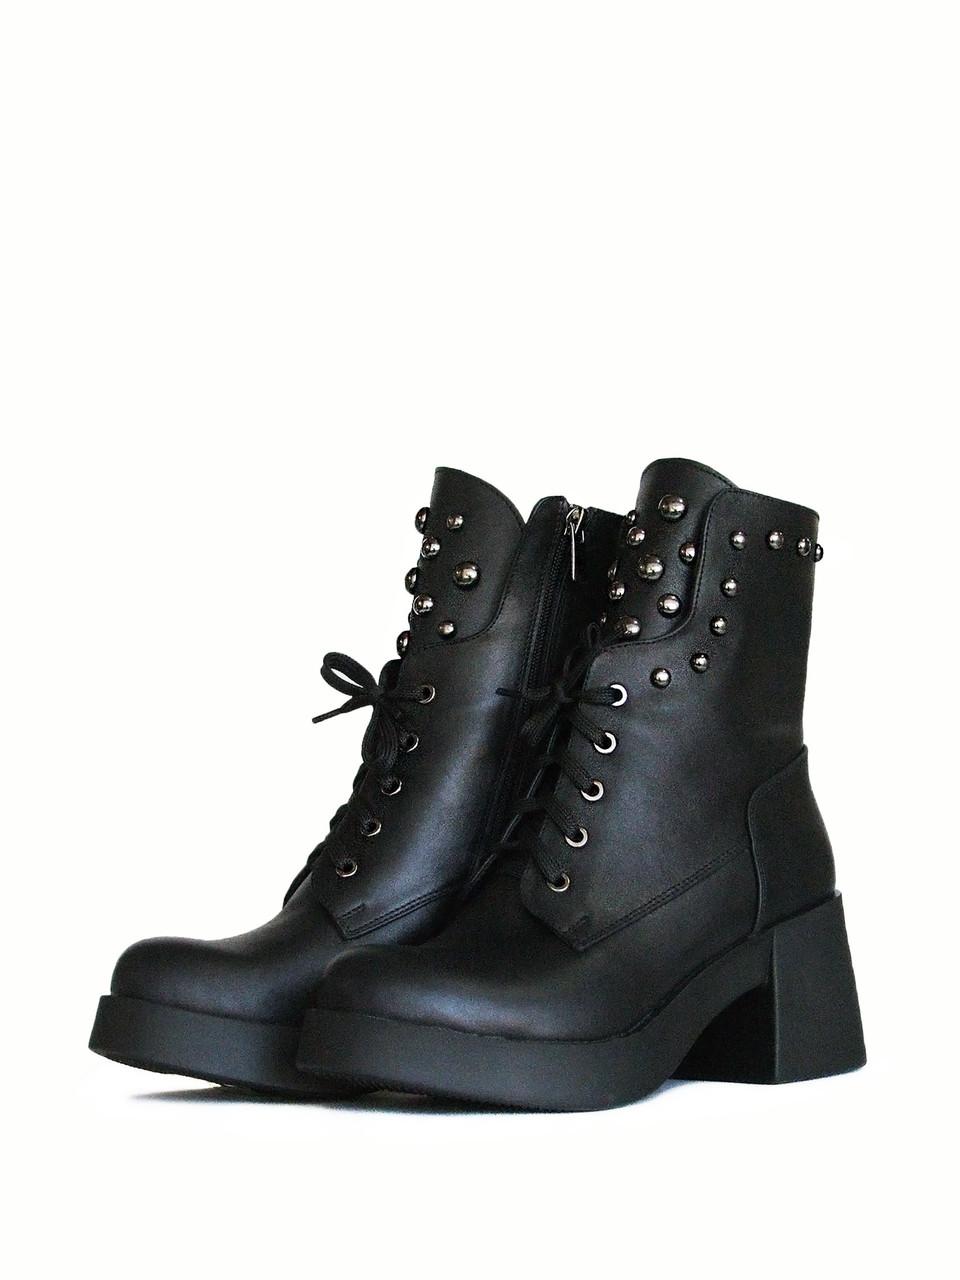 Стильные кожаные ботинки на шнурках